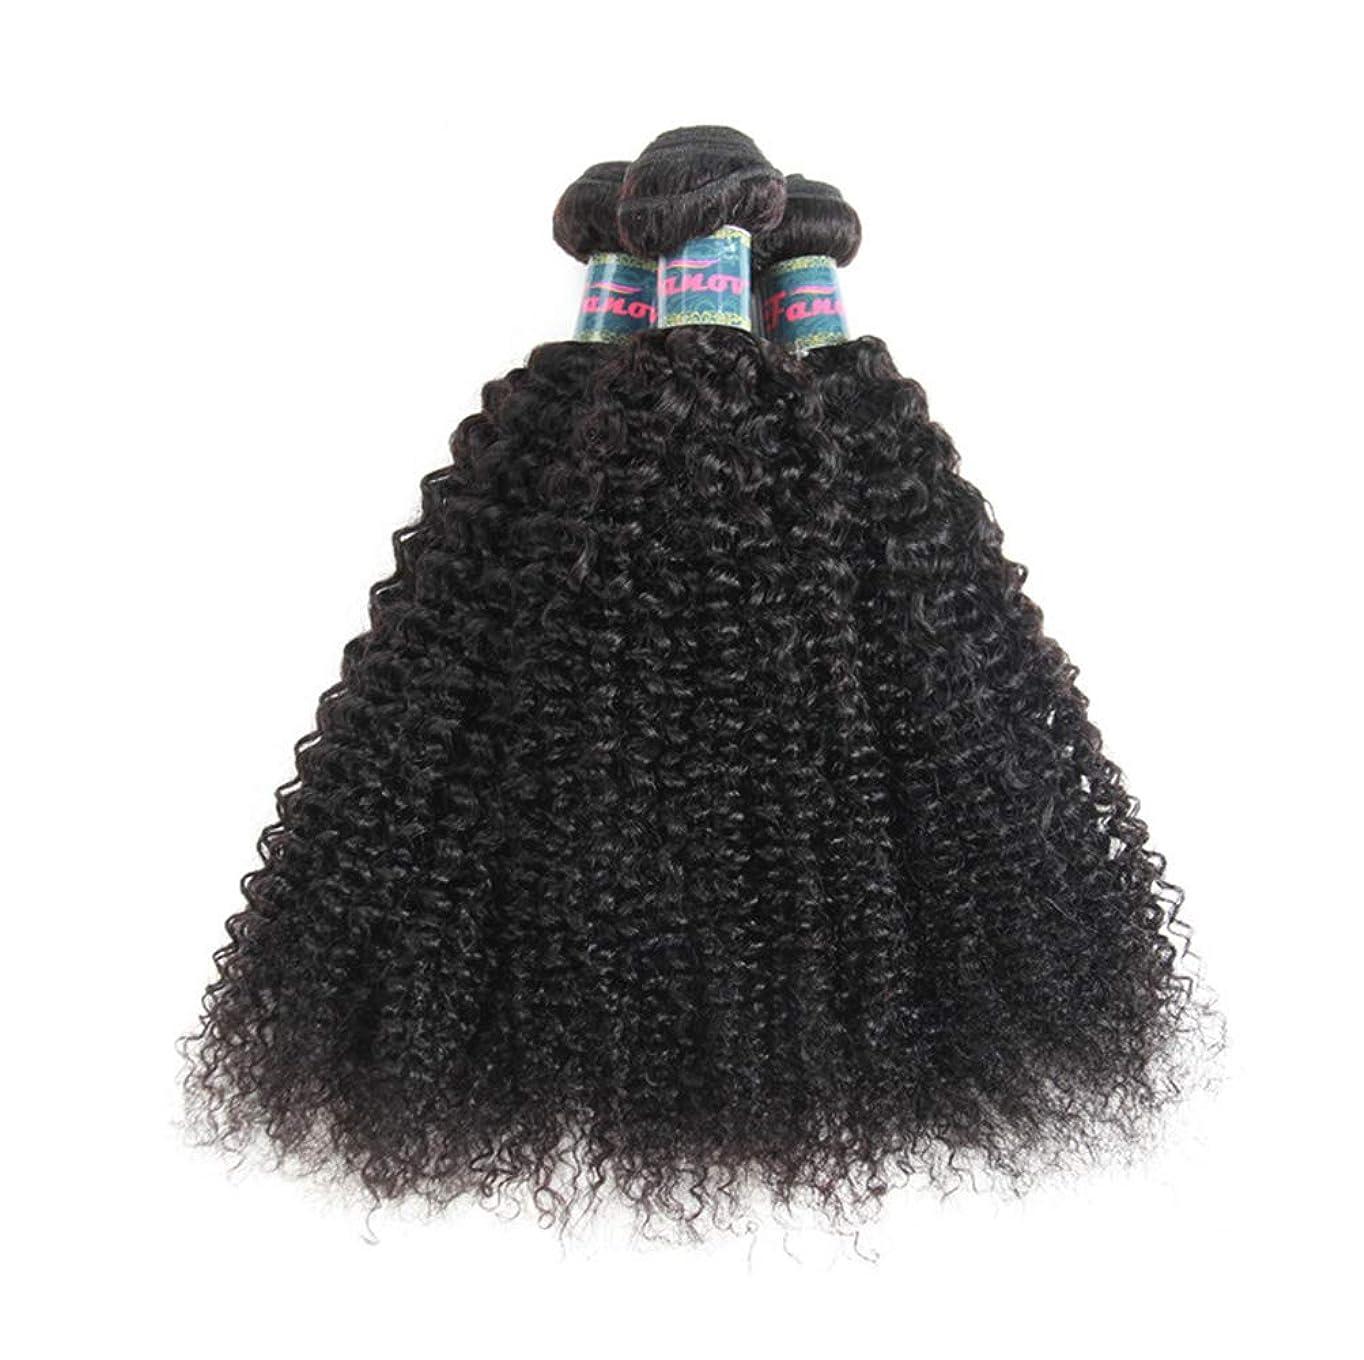 親愛な変換するアンプ髪織り未処理ブラジルの深い巻き毛の束本物の人間の髪の毛の束バージンブラジルの髪